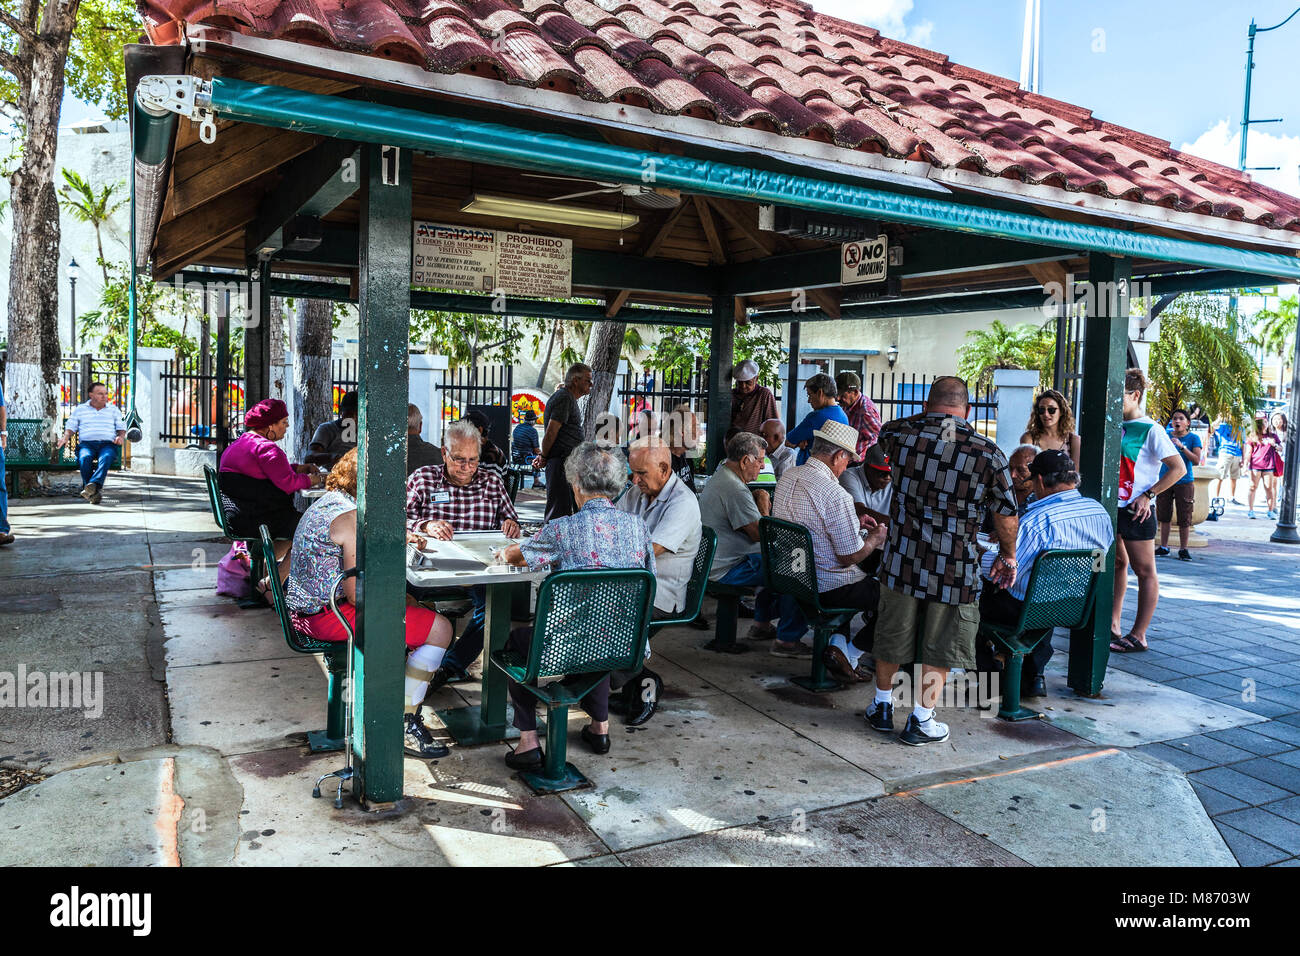 Anziani cubano-americana di persone a Domino Park, Calle Ocho, Miami, Florida, Stati Uniti d'America. Immagini Stock